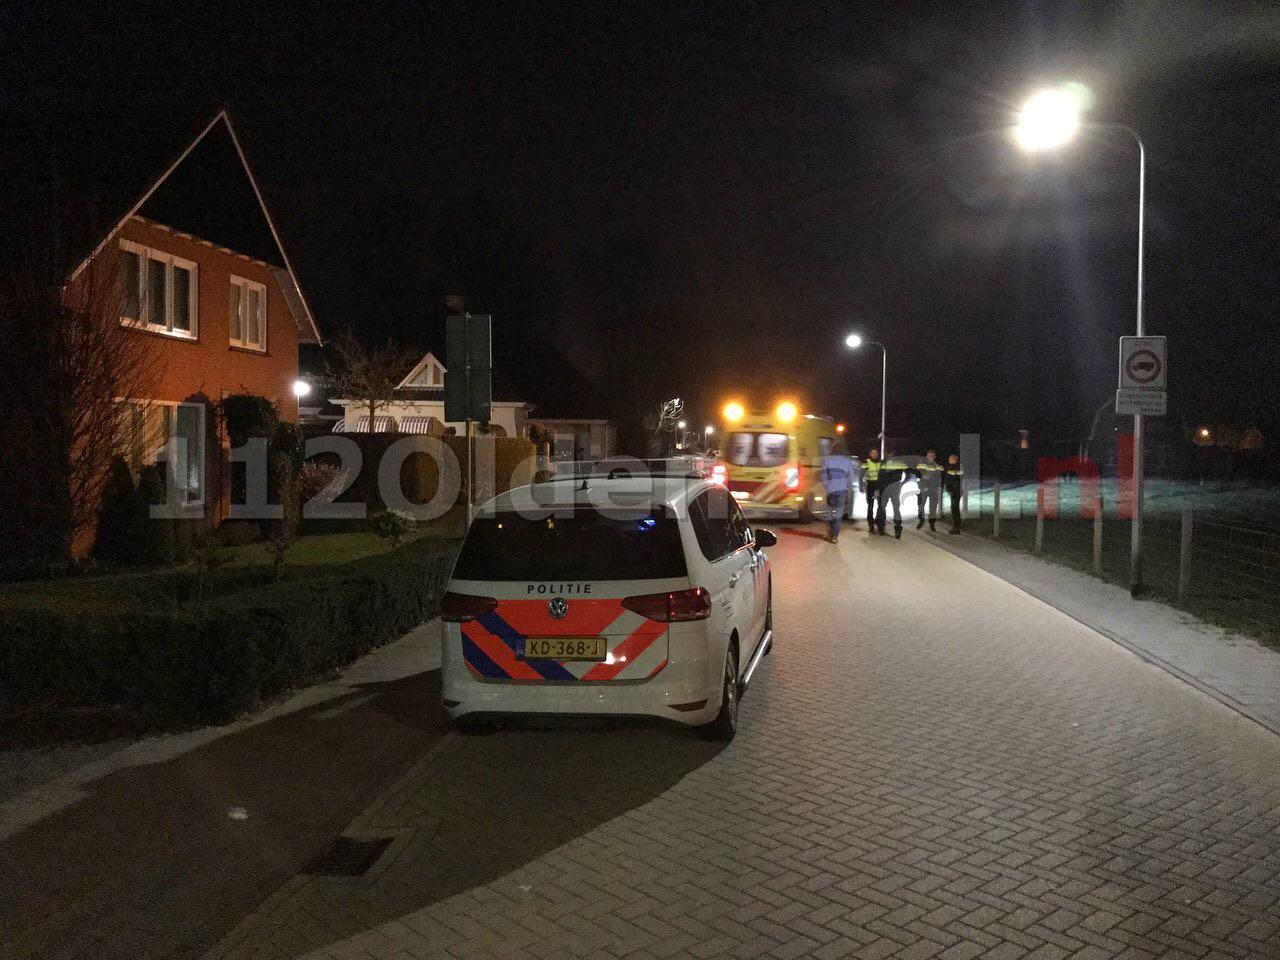 Bromfietser gewond bij ongeval in Denekamp; mogelijk alcohol in het spel